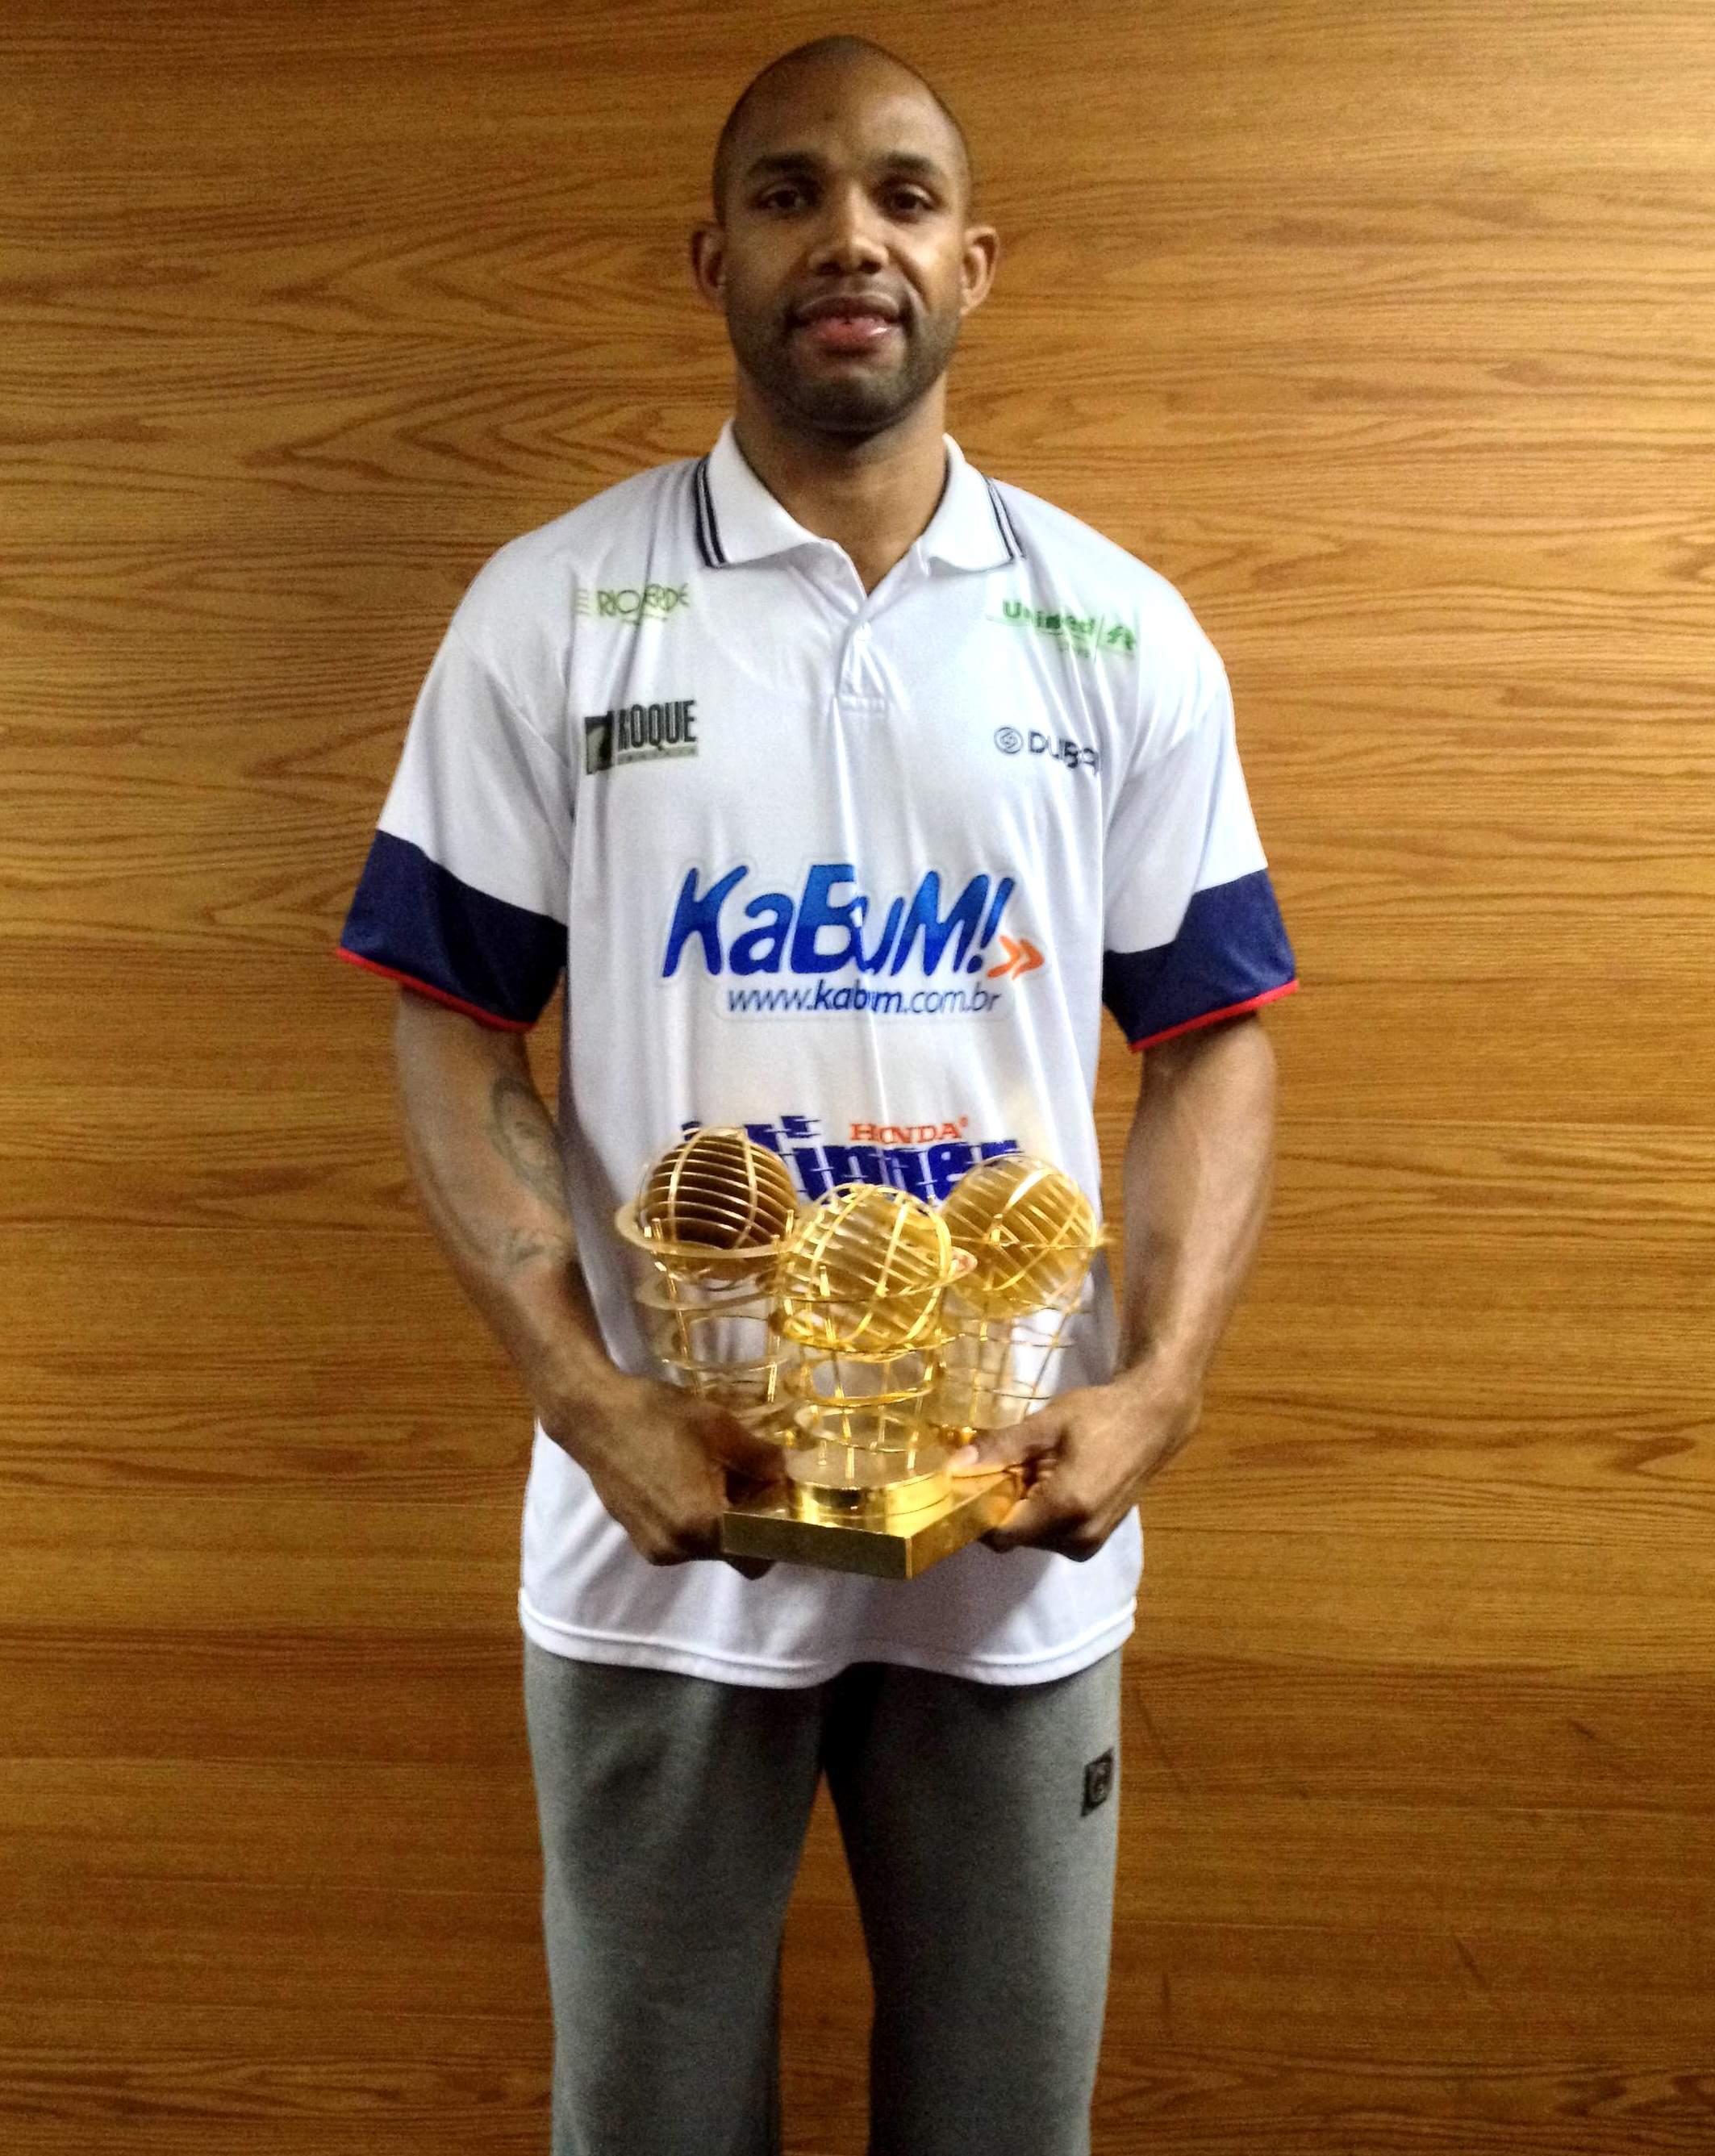 Mão cheia: Jackson faturou três troféus individuais no NBB 2013/2014 (LNB/Divulgação)